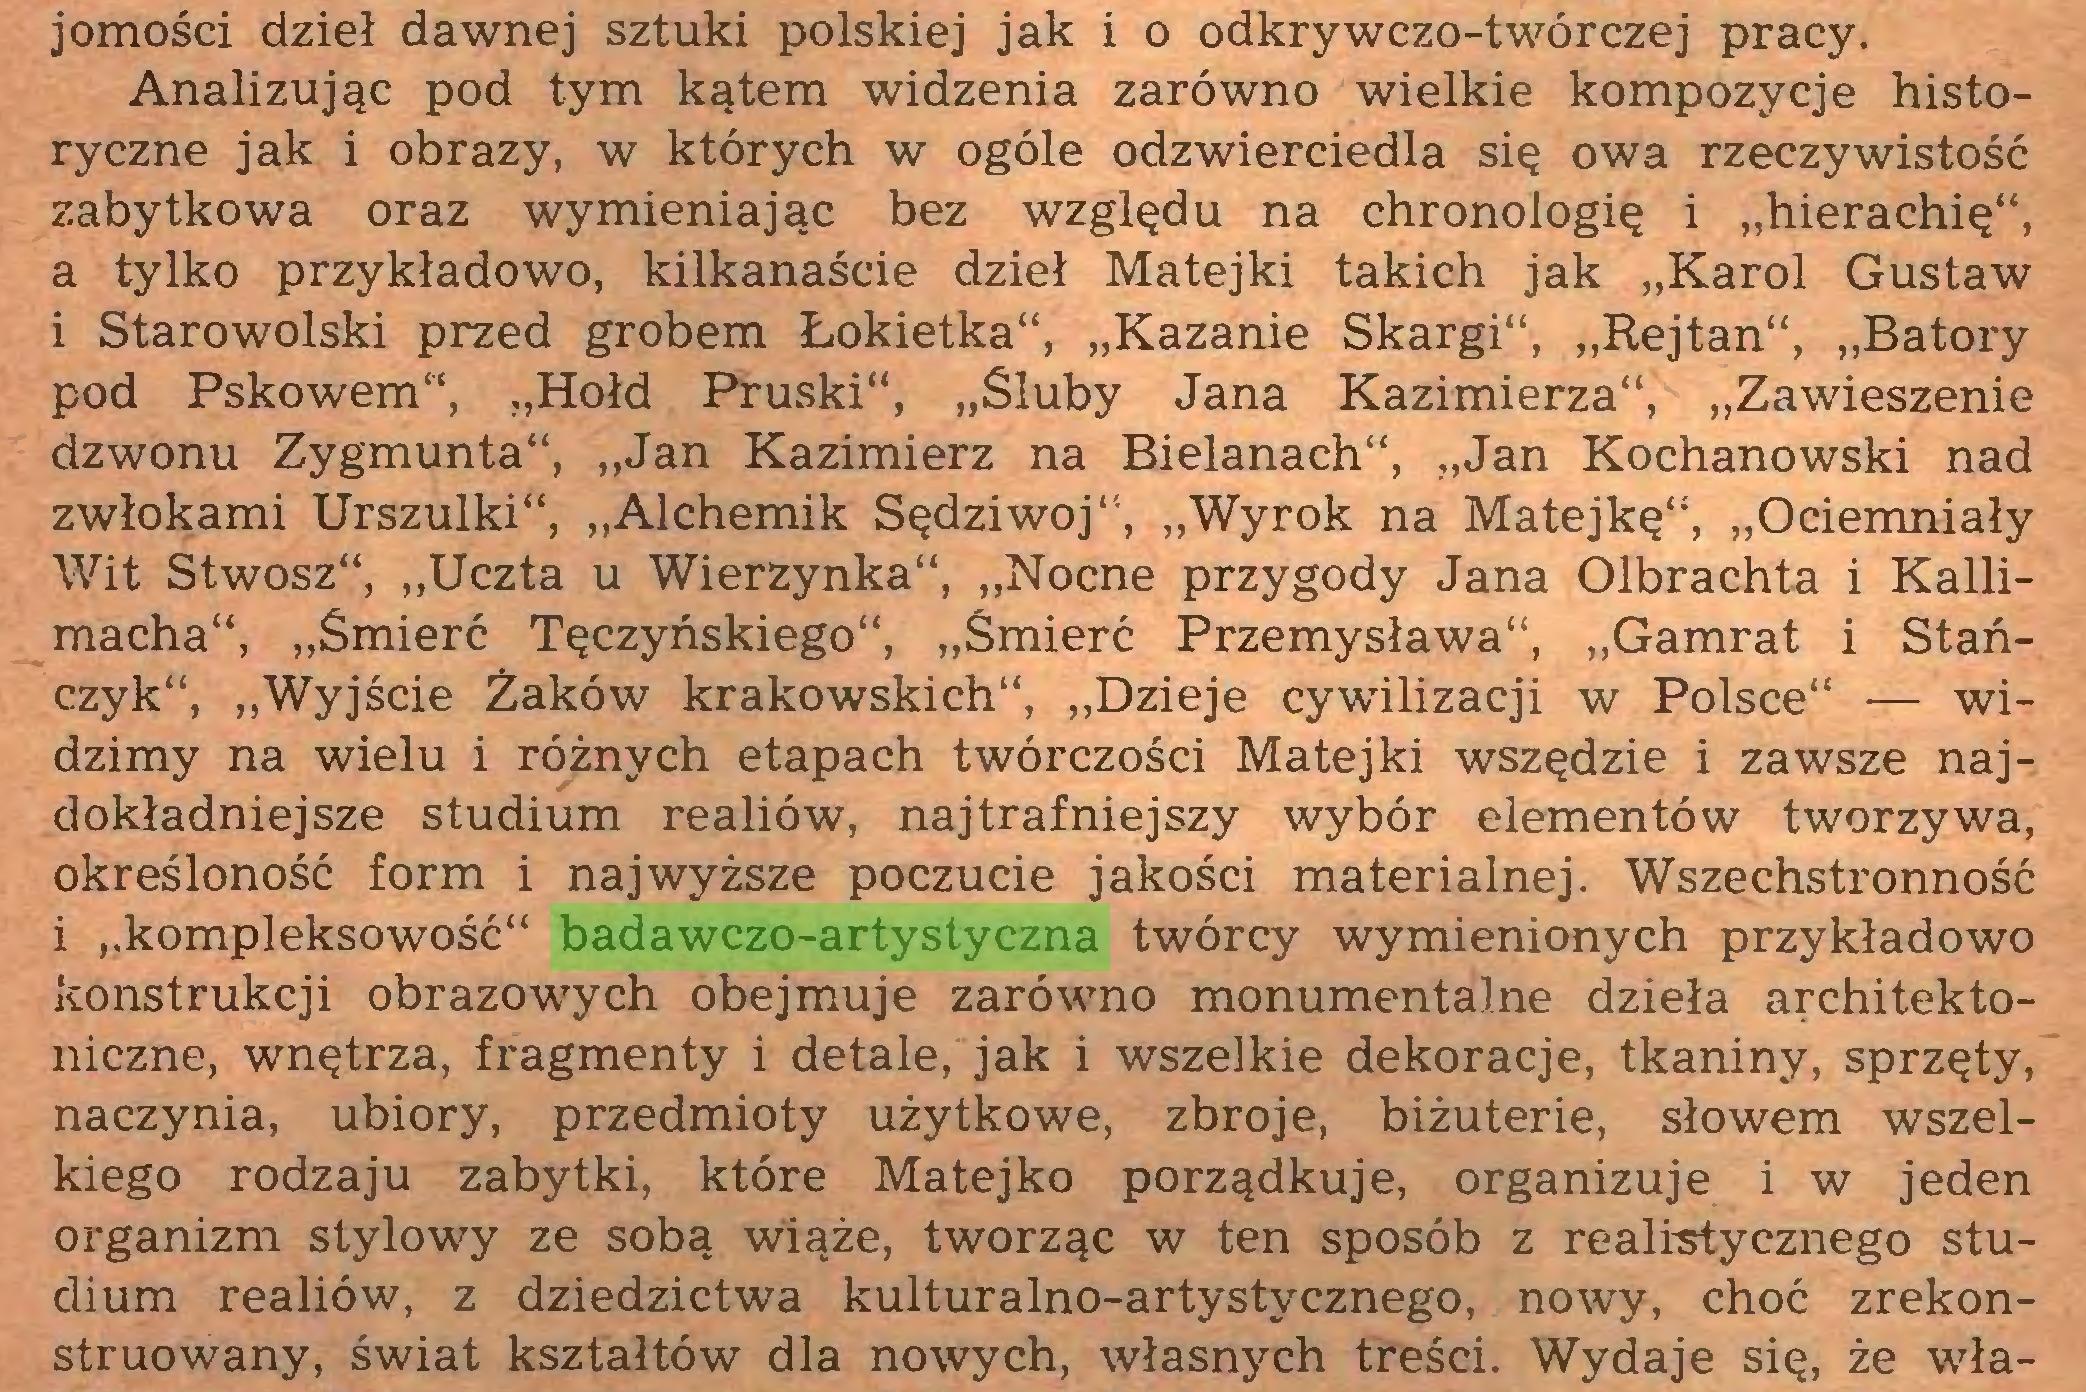 """(...) jomości dzieł dawnej sztuki polskiej jak i o odkrywczo-twórczej pracy. Analizując pod tym kątem widzenia zarówno wielkie kompozycje historyczne jak i obrazy, w których w ogóle odzwierciedla się owa rzeczywistość zabytkowa oraz wymieniając bez względu na chronologię i """"hierachię"""", a tylko przykładowo, kilkanaście dzieł Matejki takich jak """"Karol Gustaw i Starowolski przed grobem Łokietka"""", """"Kazanie Skargi"""", """"Rejtan"""", """"Batory pod Pskowem"""", """"Hołd Pruski"""", """"Śluby Jana Kazimierza"""", """"Zawieszenie dzwonu Zygmunta"""", """"Jan Kazimierz na Bielanach"""", """"Jan Kochanowski nad zwłokami Urszulki"""", """"Alchemik Sędziwój"""", """"Wyrok na Matejkę""""', """"Ociemniały Wit Stwosz"""", """"Uczta u Wierzynka"""", """"Nocne przygody Jana Olbrachta i Kallimacha"""", """"Śmierć Tęczyńskiego"""", """"Śmierć Przemysława"""", """"Gamrat i Stańczyk"""", """"Wyjście Żaków krakowskich"""", """"Dzieje cywilizacji w Polsce"""" — widzimy na wielu i różnych etapach twórczości Matejki wszędzie i zawsze najdokładniejsze studium realiów, najtrafniejszy wybór elementów tworzywa, określoność form i najwyższe poczucie jakości materialnej. Wszechstronność i """"kompleksowość"""" badawczo-artystyczna twórcy wymienionych przykładowo konstrukcji obrazowych obejmuje zarówno monumentalne dzieła architektoniczne, wnętrza, fragmenty i detale, jak i wszelkie dekoracje, tkaniny, sprzęty, naczynia, ubiory, przedmioty użytkowe, zbroje, biżuterie, słowem wszelkiego rodzaju zabytki, które Matejko porządkuje, organizuje i w jeden organizm stylowy ze sobą wiąże, tworząc w ten sposób z realistycznego studium realiów, z dziedzictwa kulturalno-artystycznego, nowy, choć zrekonstruowany, świat kształtów dla nowych, własnych treści. Wydaje się, że wła..."""